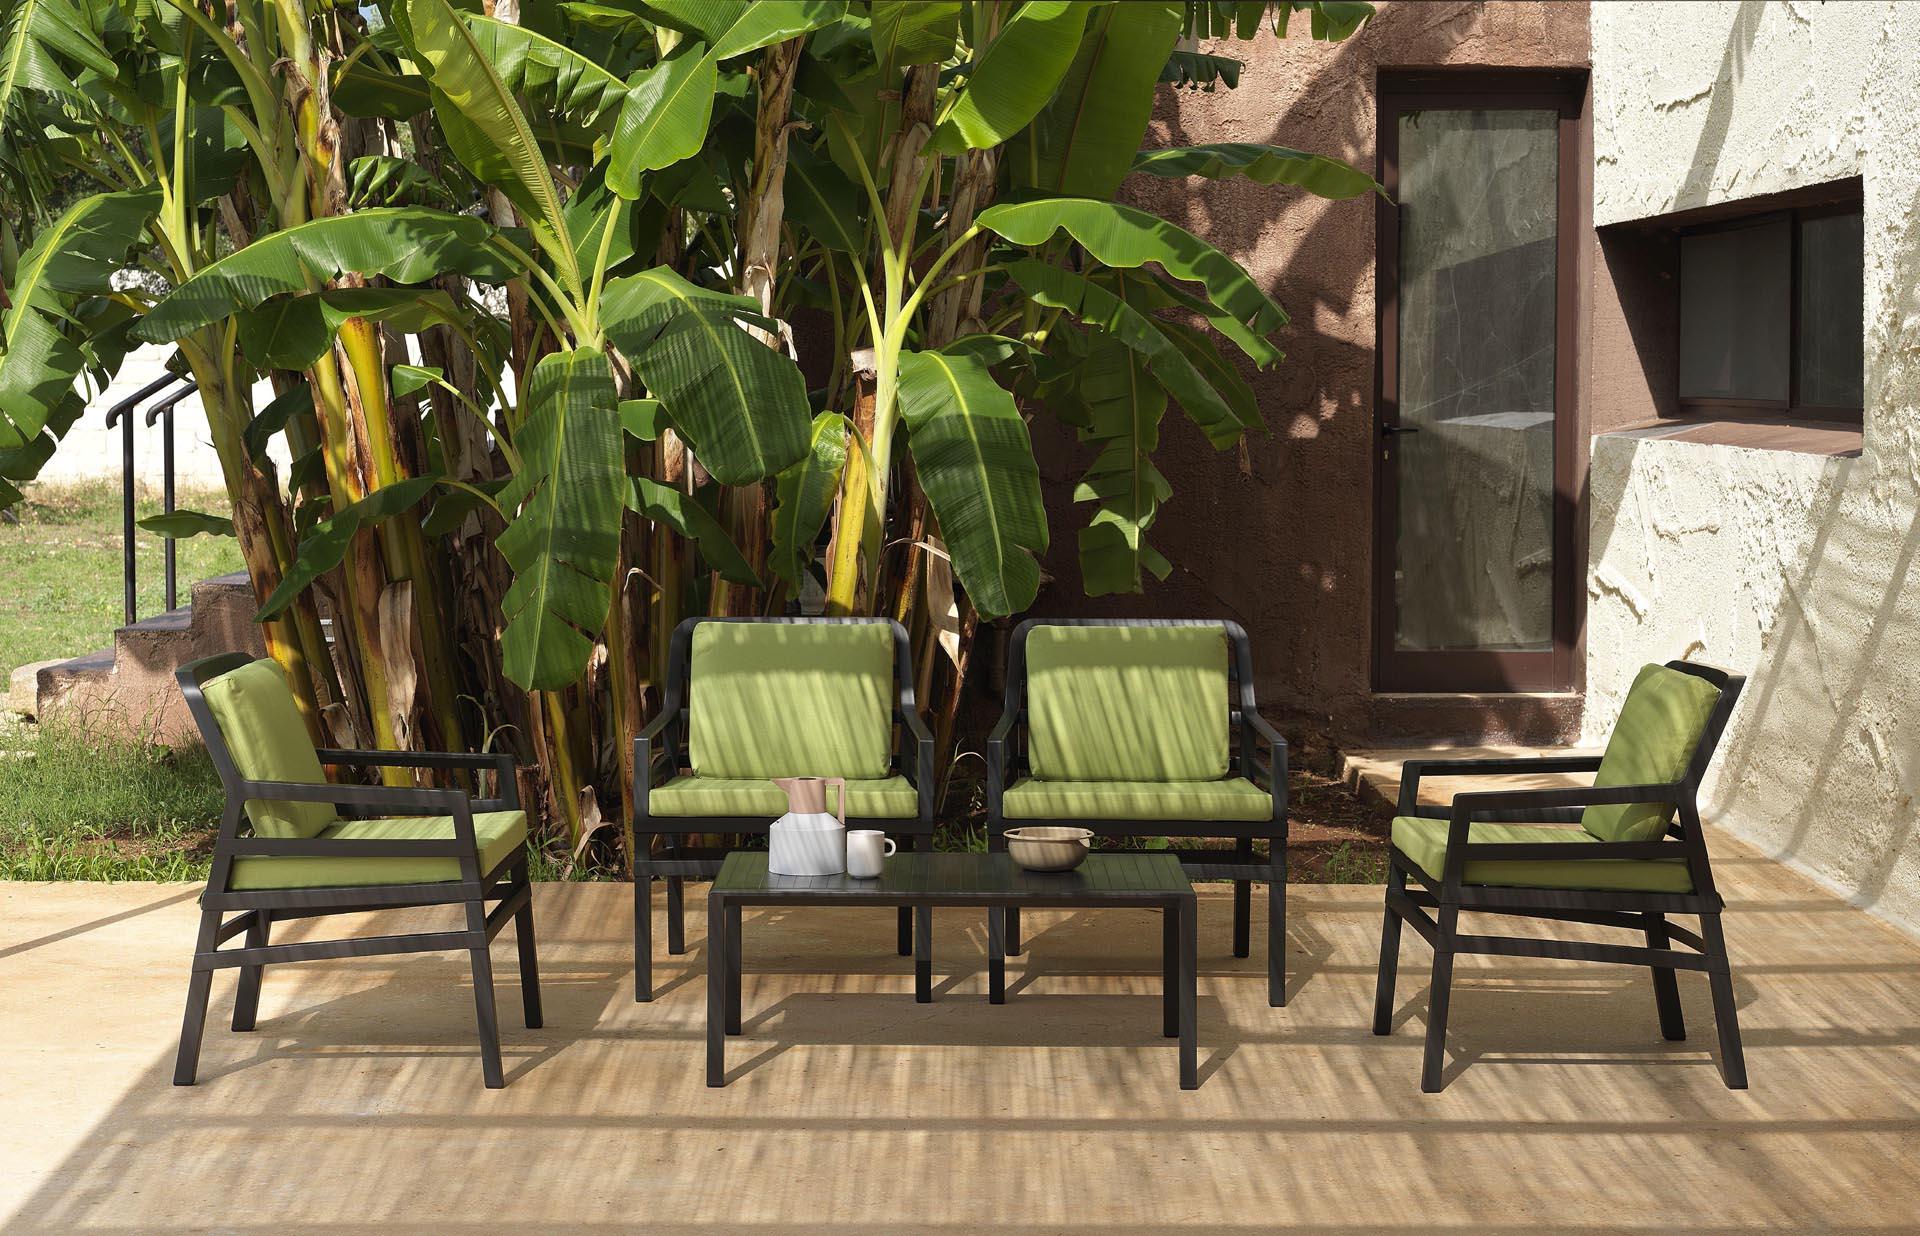 Hochwertige Garten Und Outdoormöbel By Nardi Aus Italien